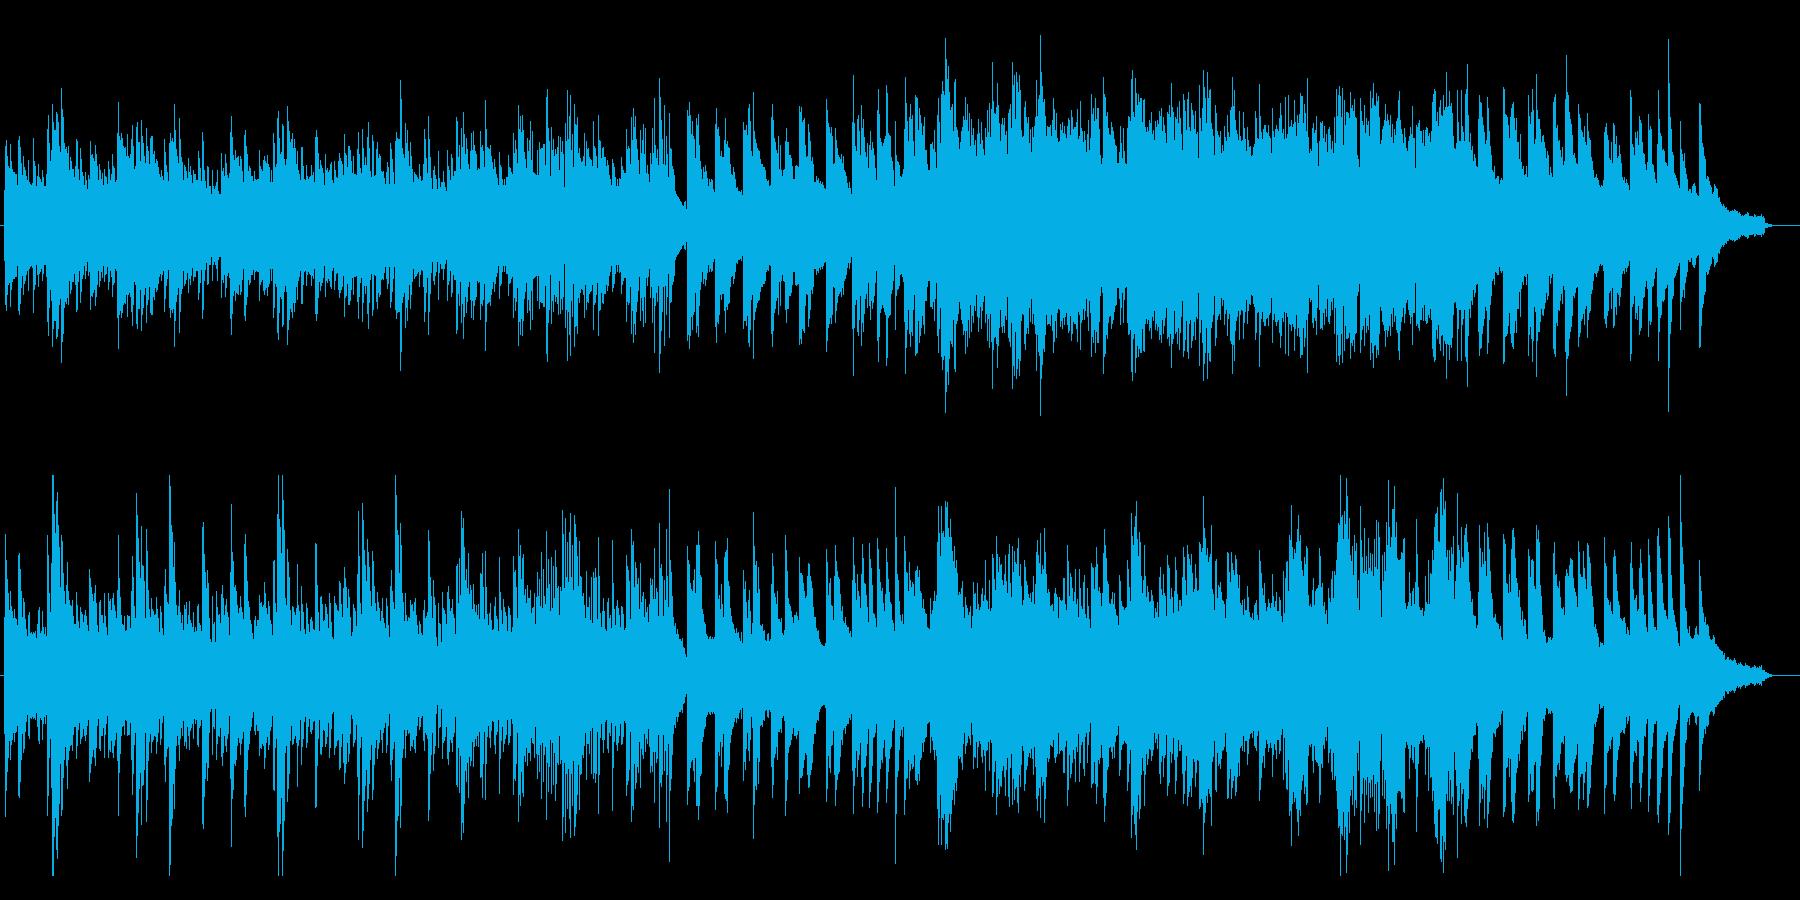 クラシック系 幻想的 ピアノソロの再生済みの波形